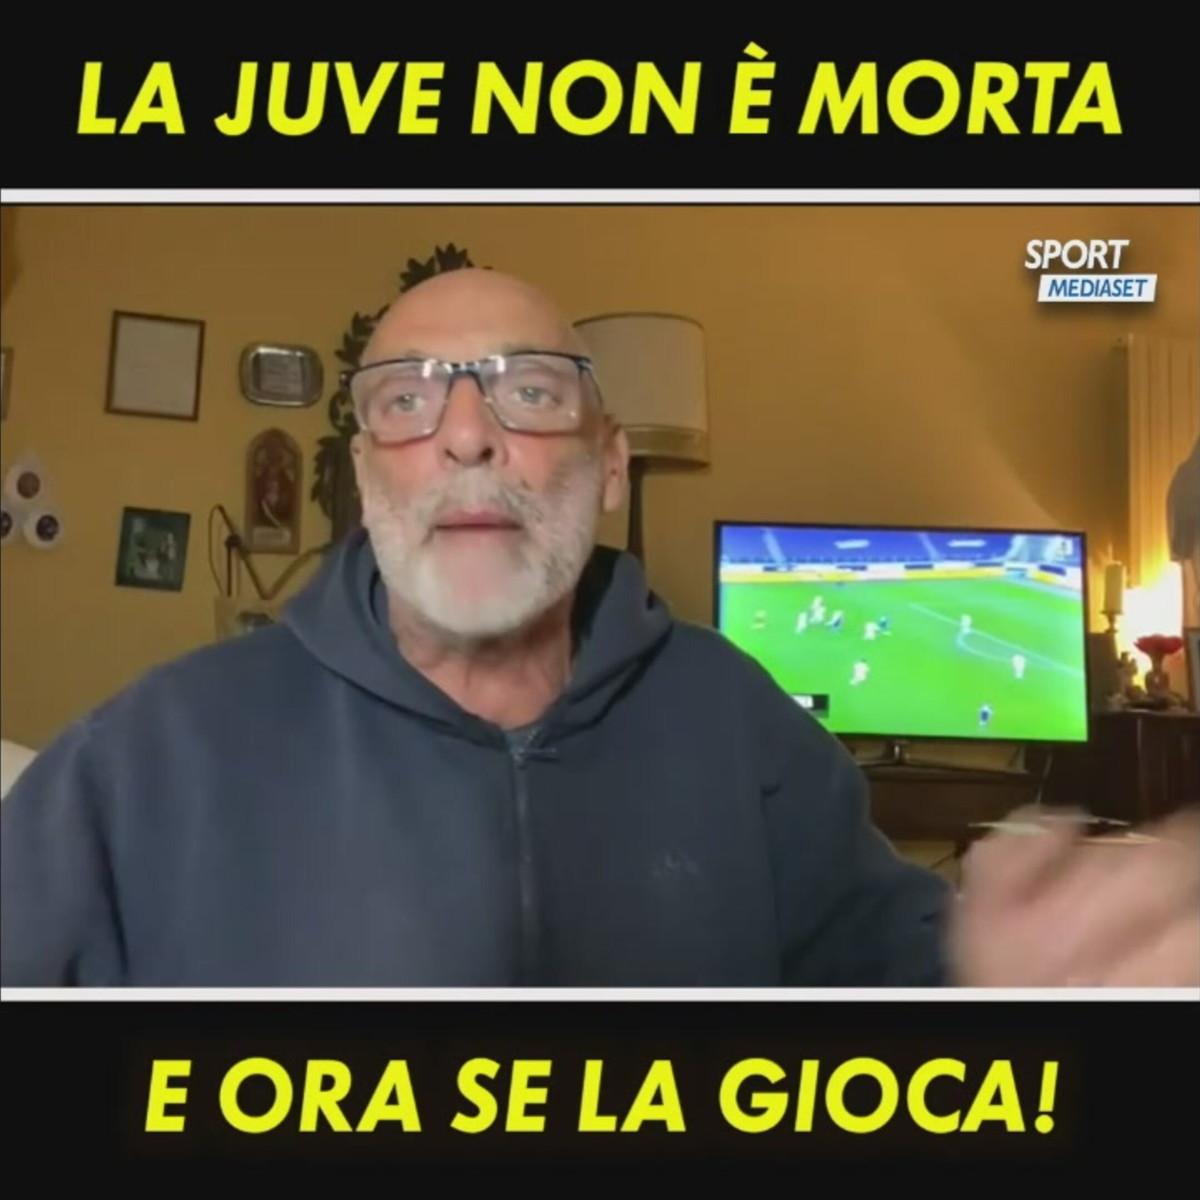 Brosio - La Juve non è morta e ora se la gioca